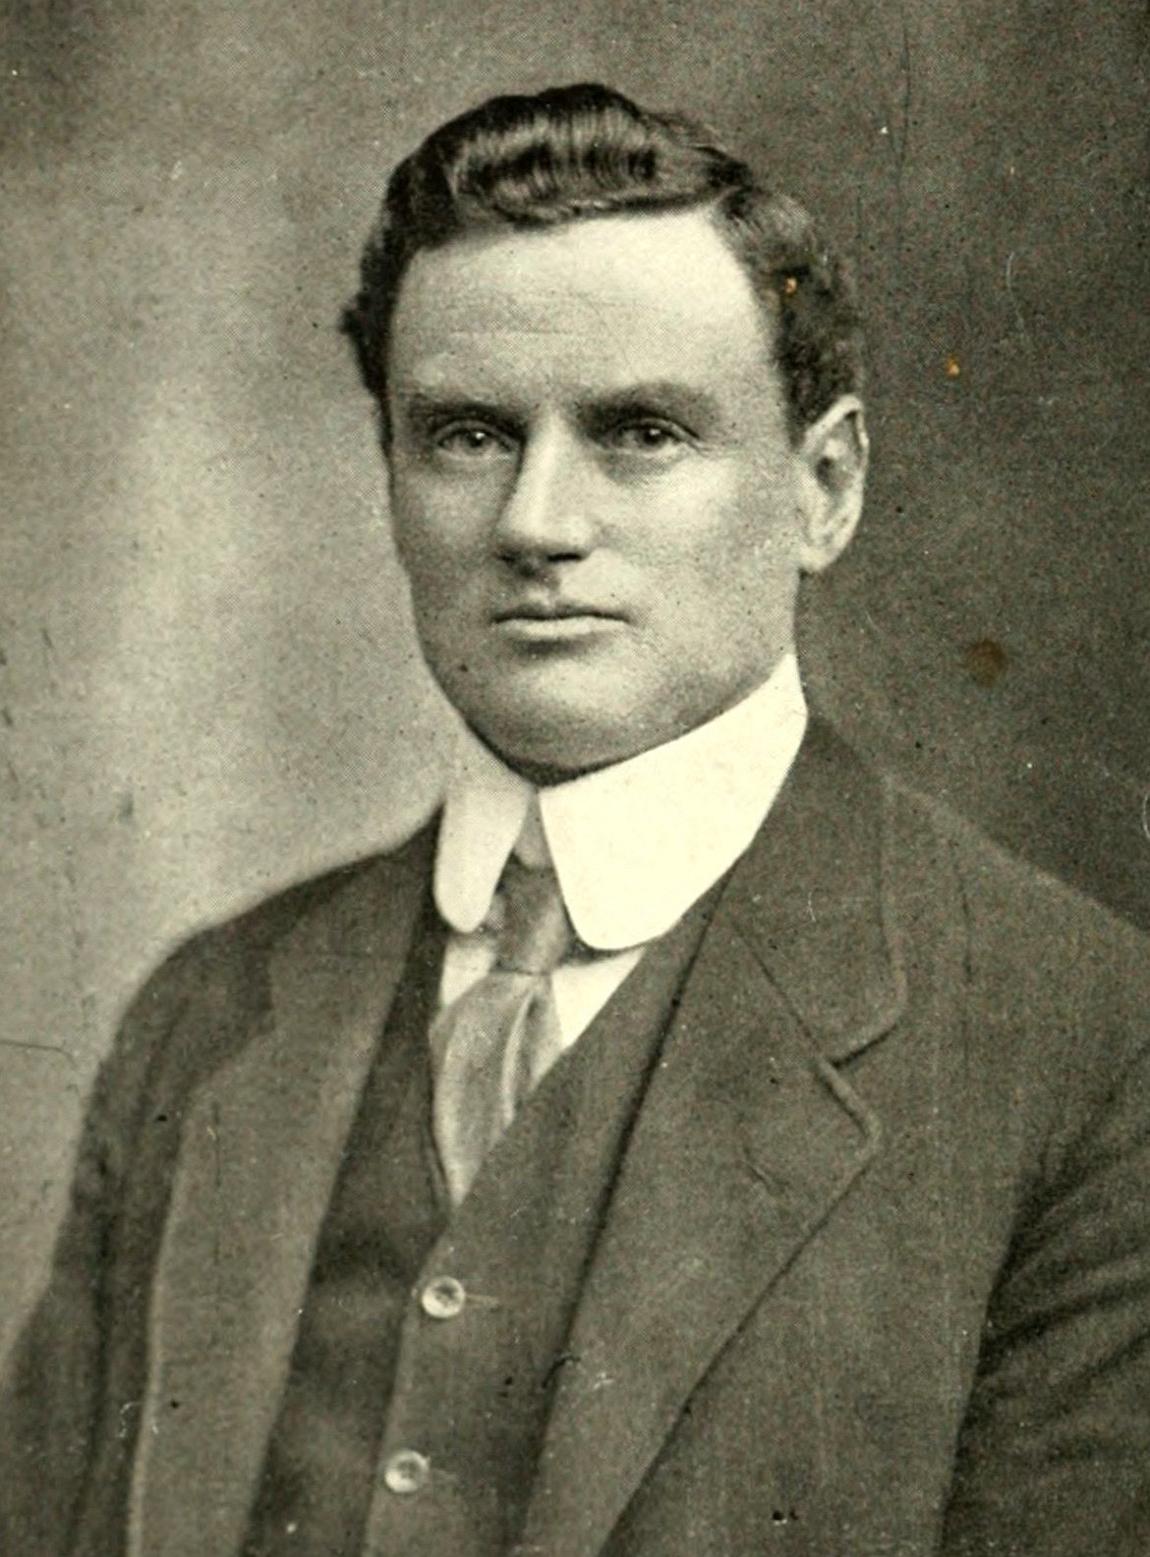 Image of E. J. Brady from Wikidata